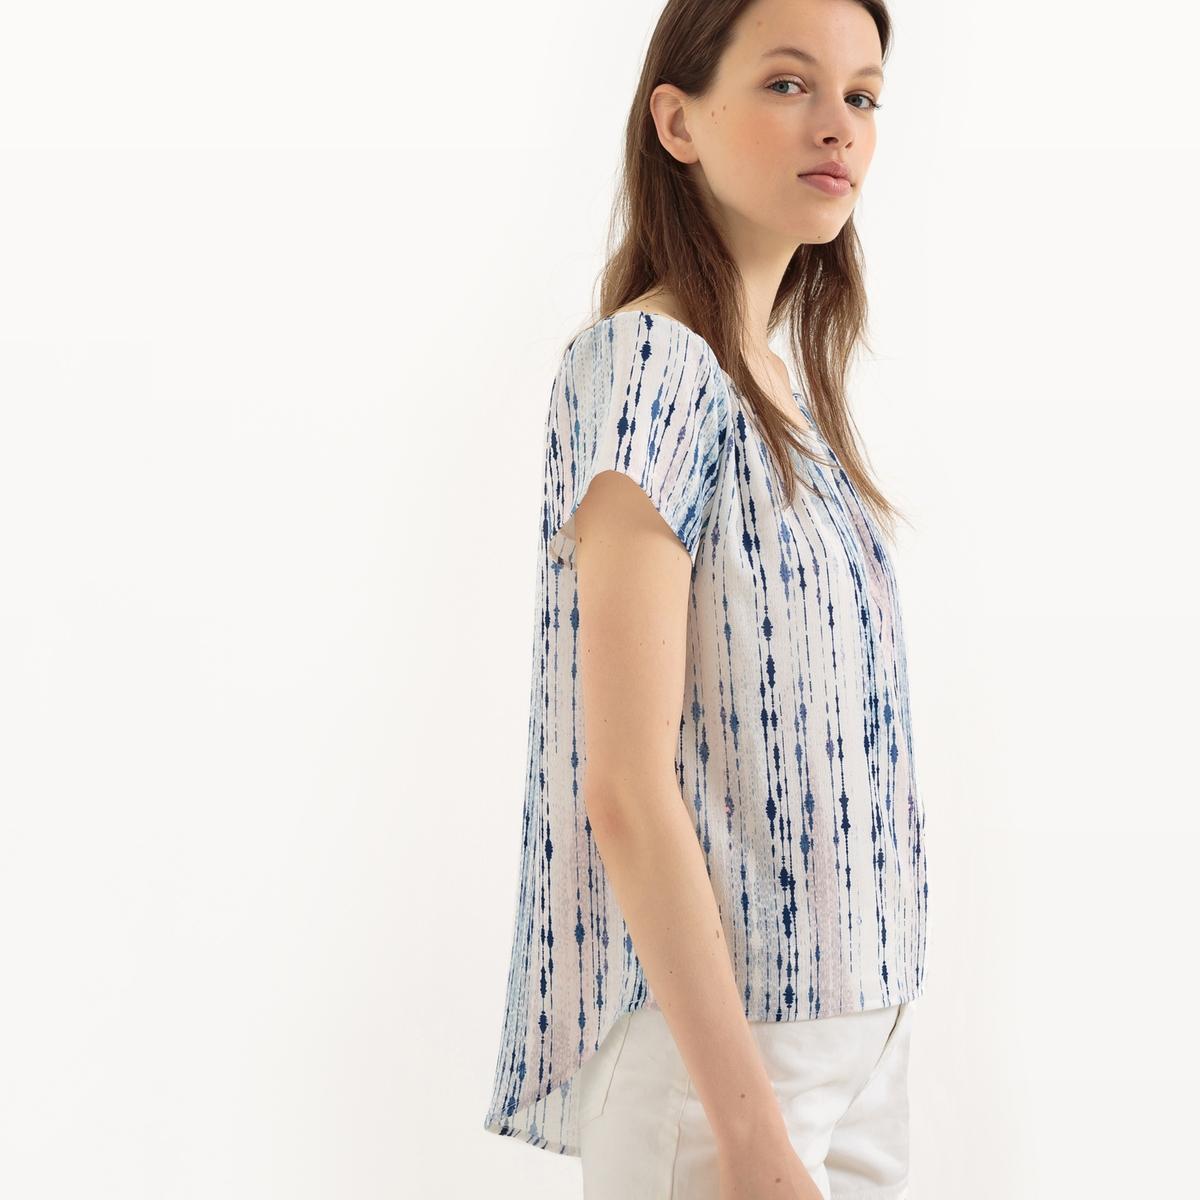 Блузка с открытыми плечами, короткие рукава